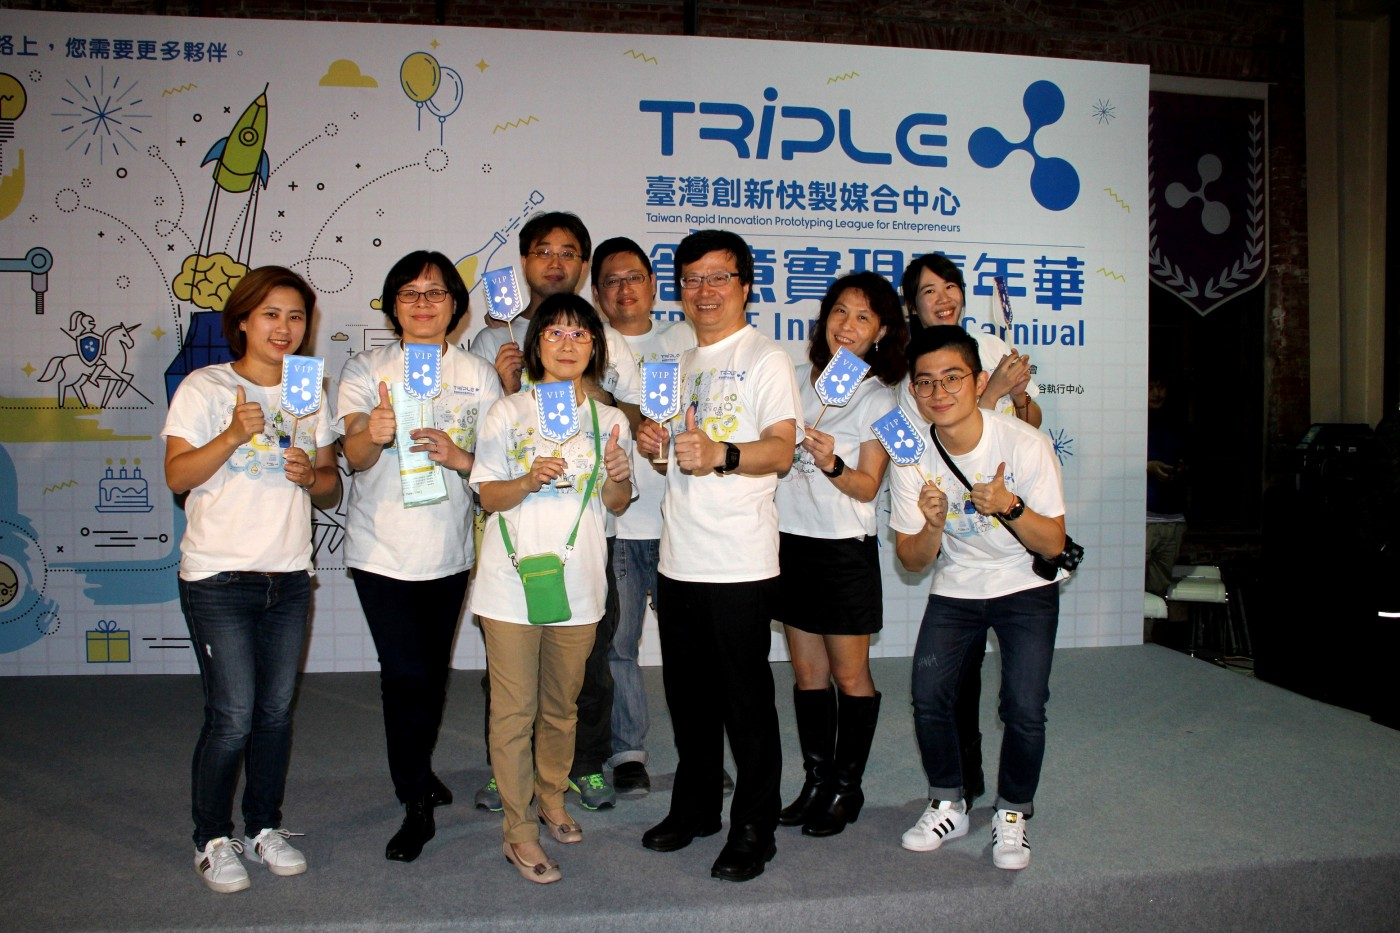 TRIPLE軟硬整合綻放光芒   全球創意實現開花結果